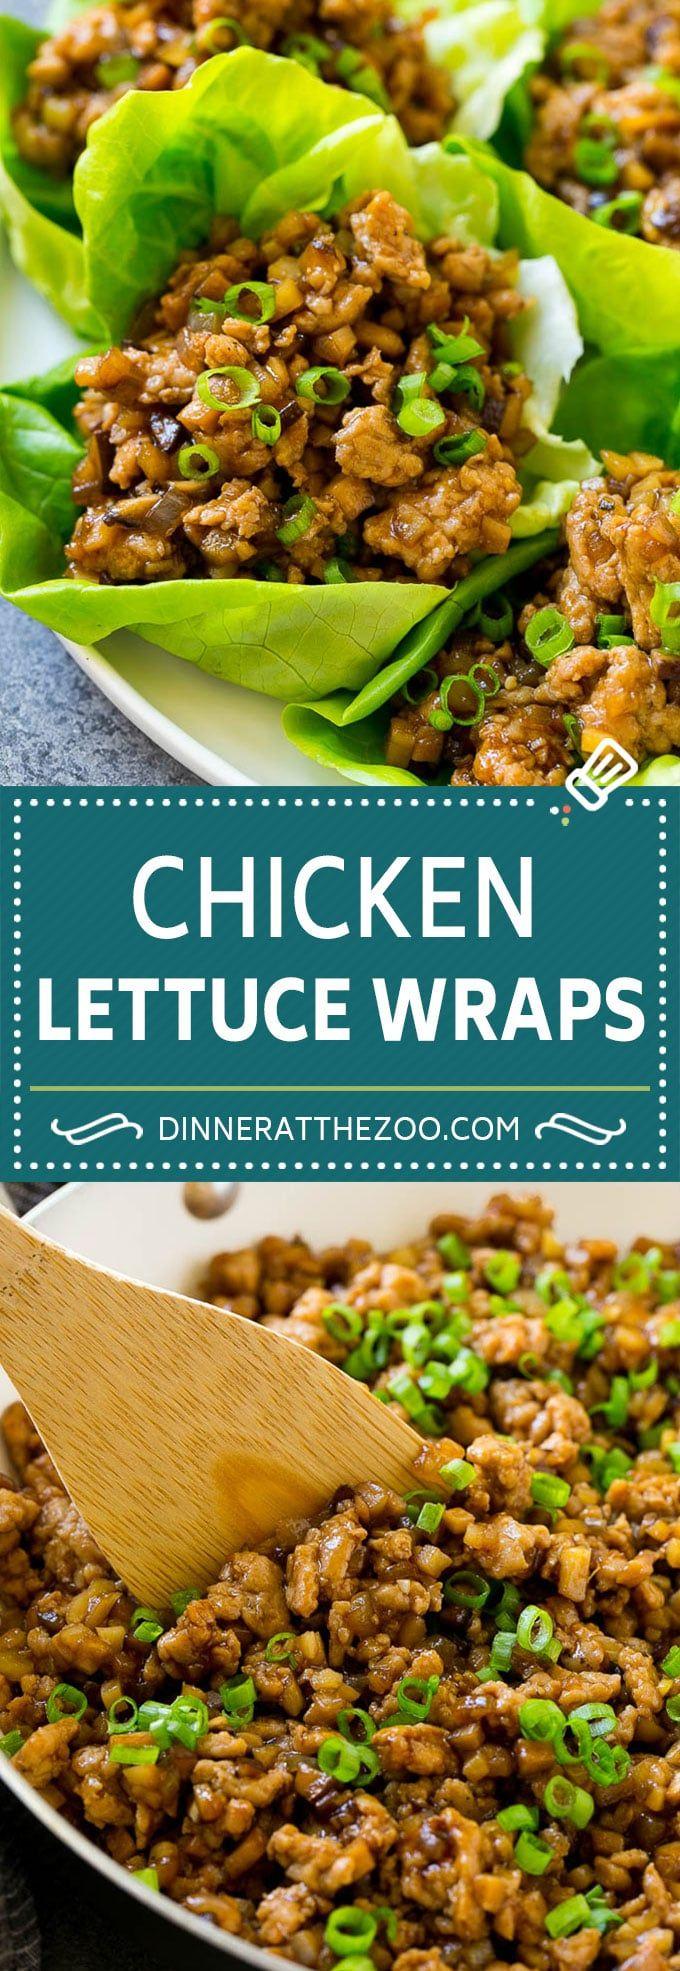 Ricetta di involtini di pollo alla lattuga | PF Chang's Lettuce Wraps | Tazze di pollo alla lattuga # …